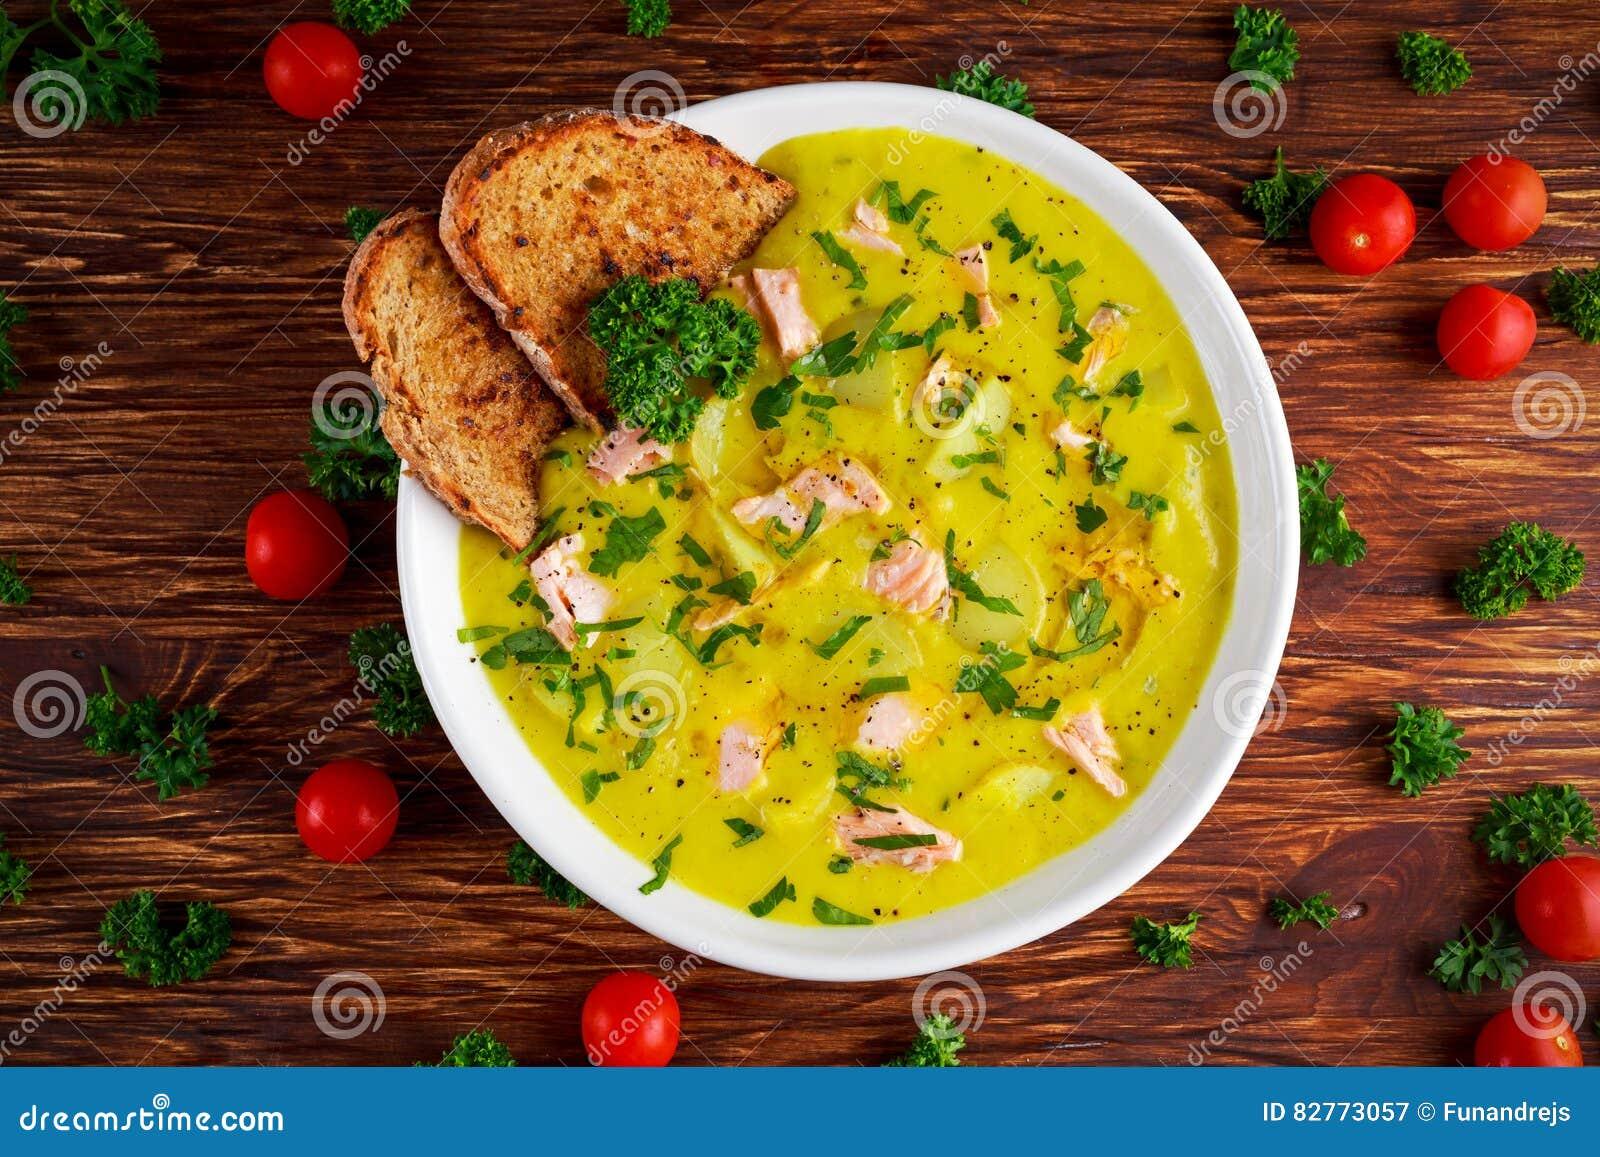 乳脂状的鱼三文鱼,韭葱,在木背景的土豆汤